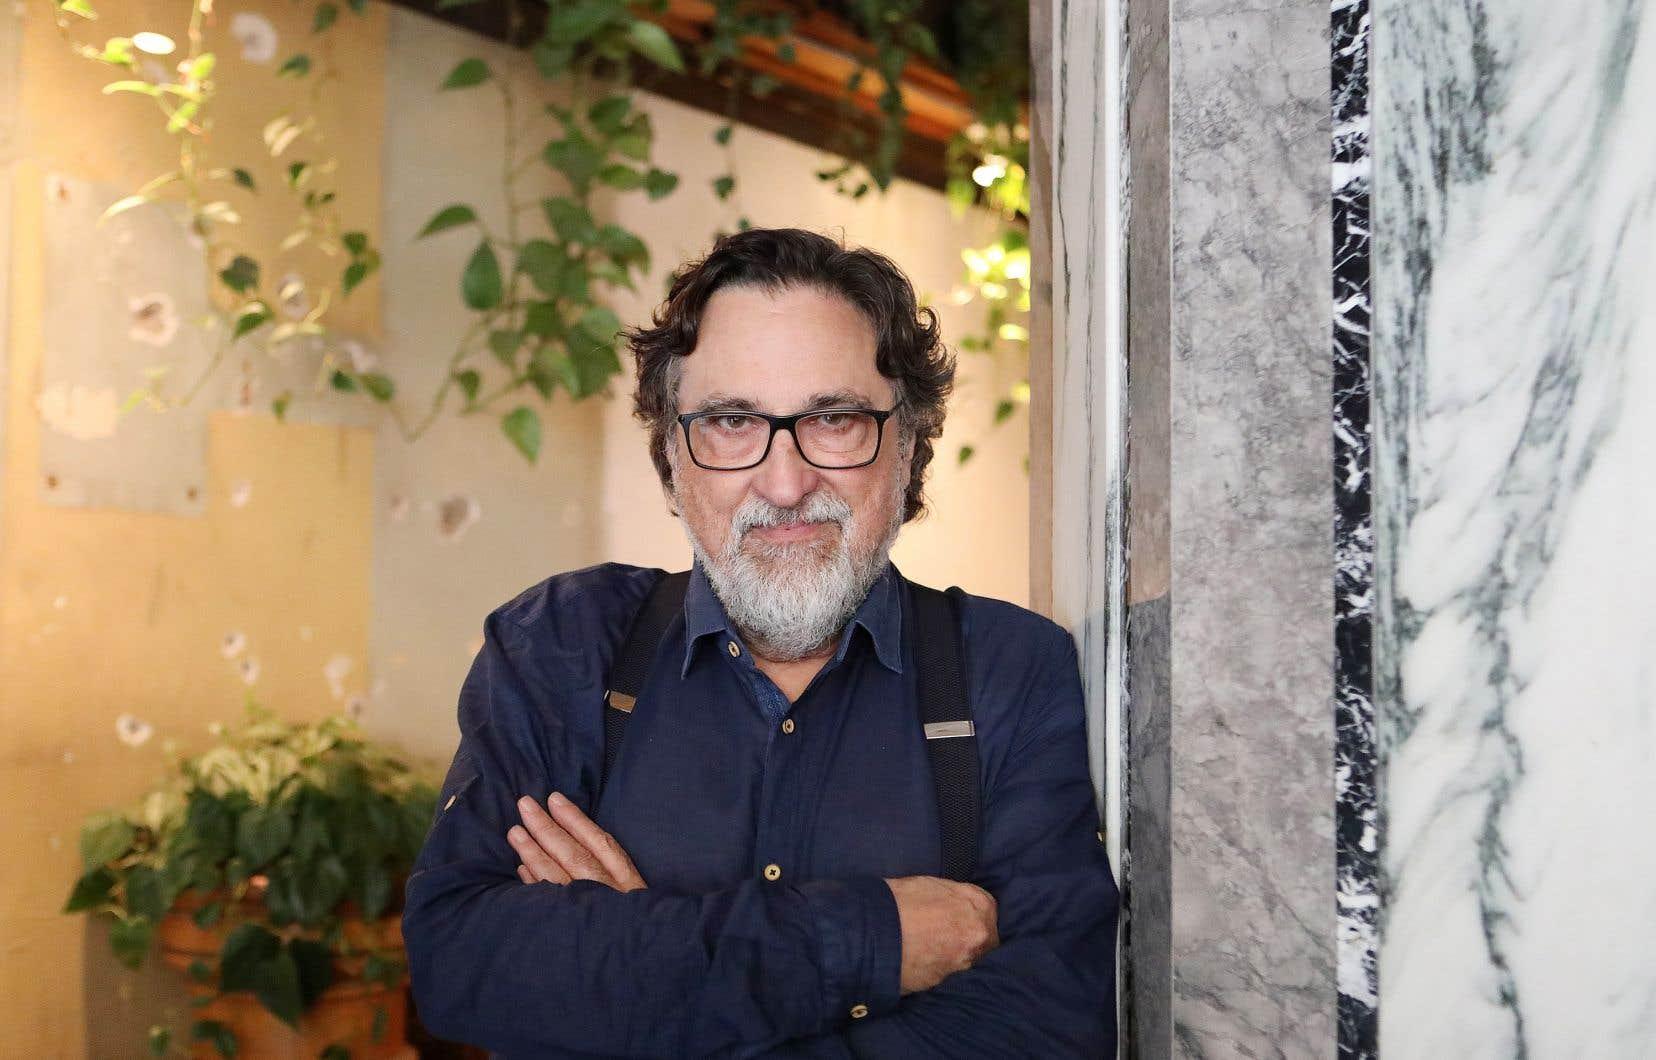 Le réalisateur chilien Silvio Caiozzi estime que le FFM est un des rares festivals à sélectionner ses films sur la seule base de leur qualité, l'un des seuls à travailler indépendamment d'Hollywood et des enjeux d'argent.